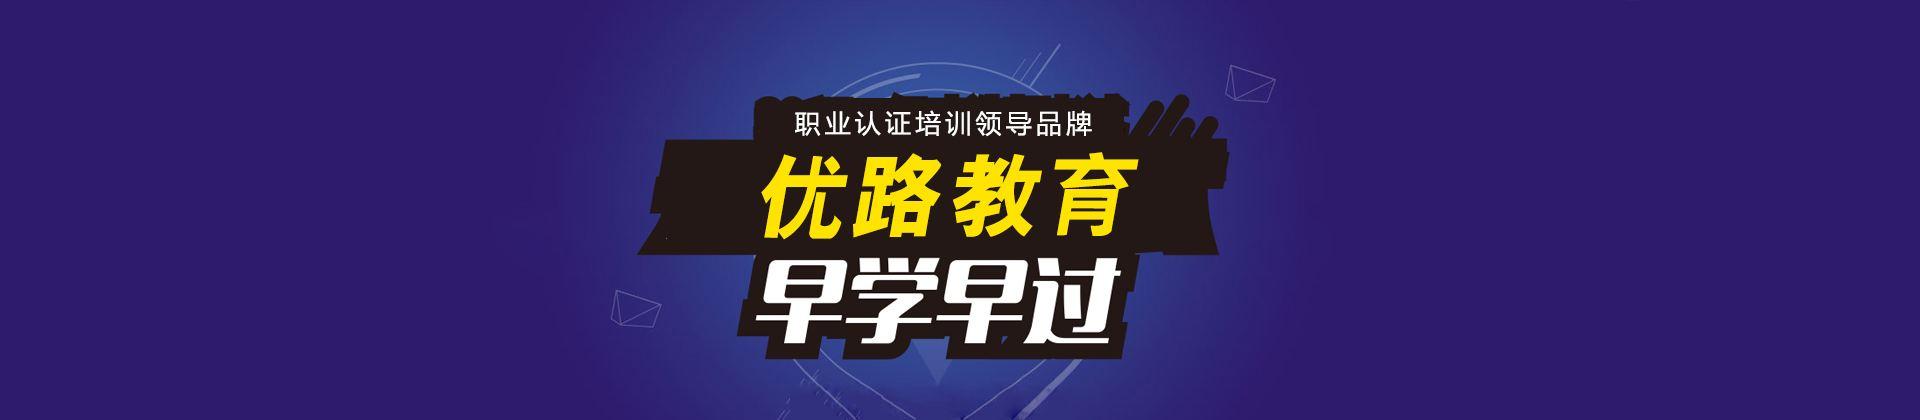 陕西安康优路教育培训学校